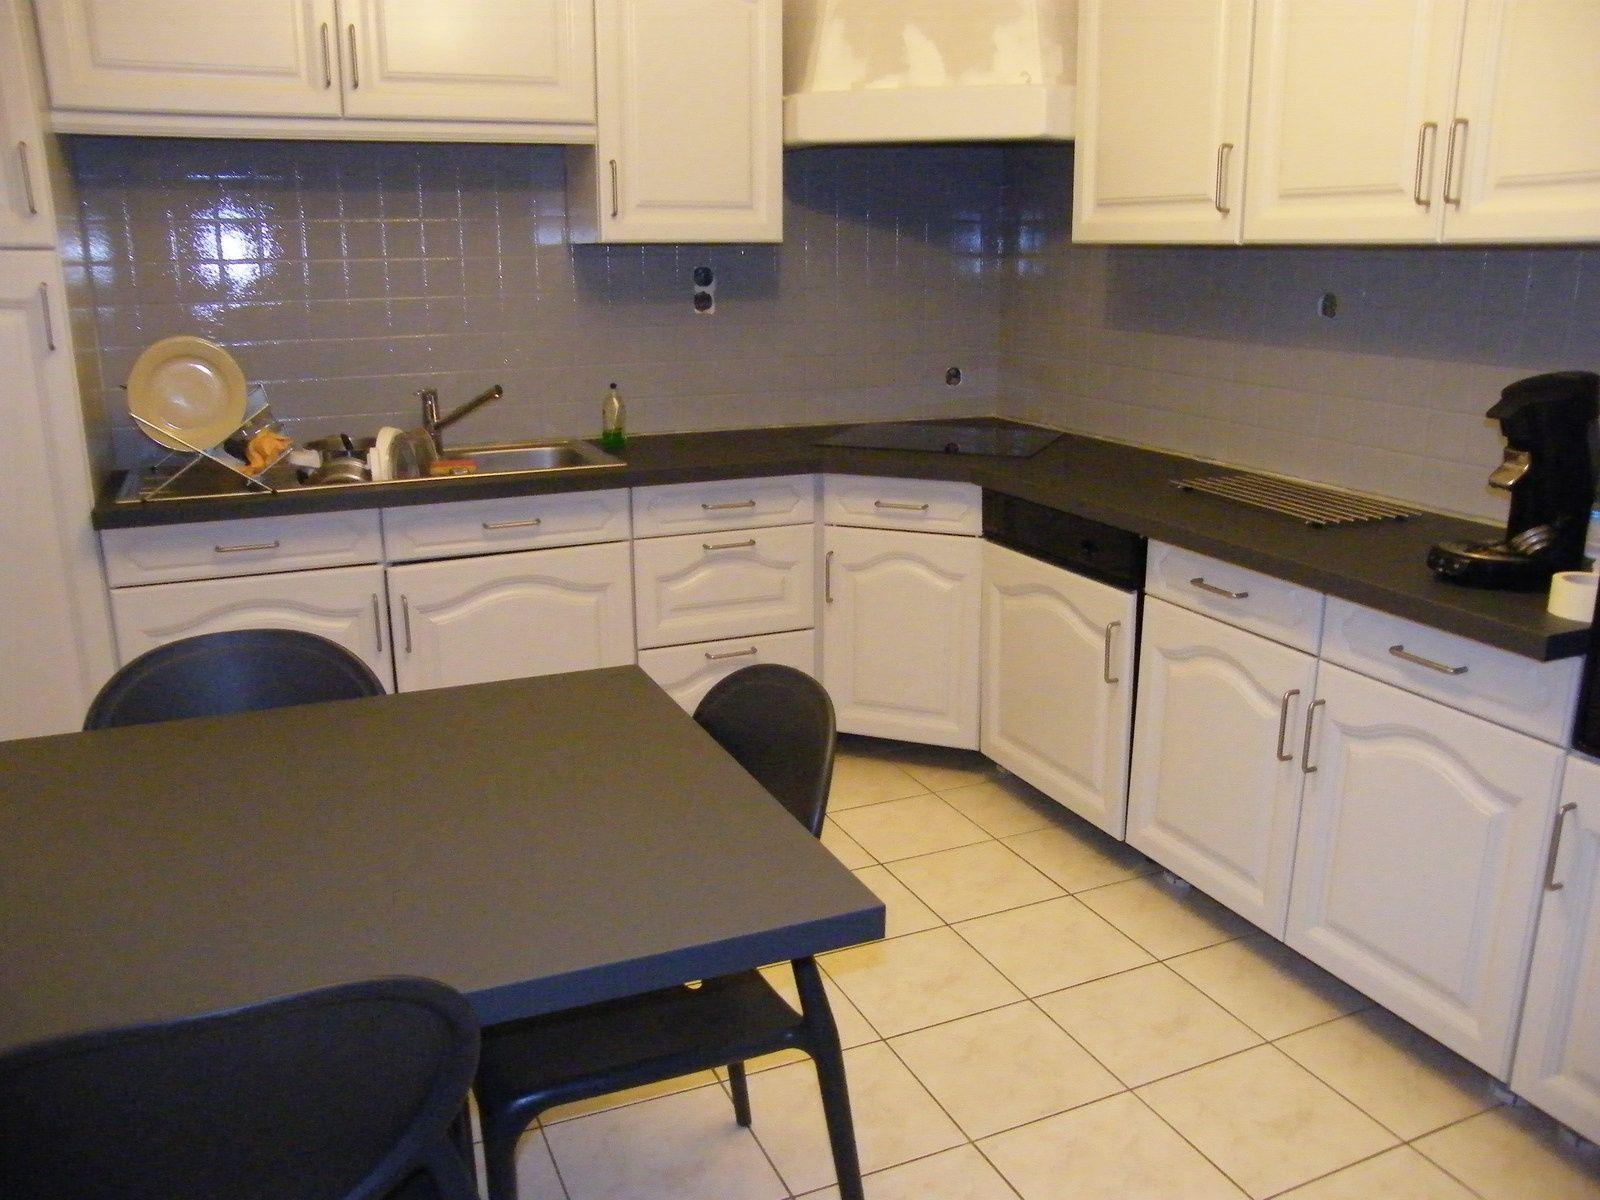 Beau antique blanc armoires de cuisine peindre la couleur kdj5 appareils de cuisineappareils for Peindre la cuisine